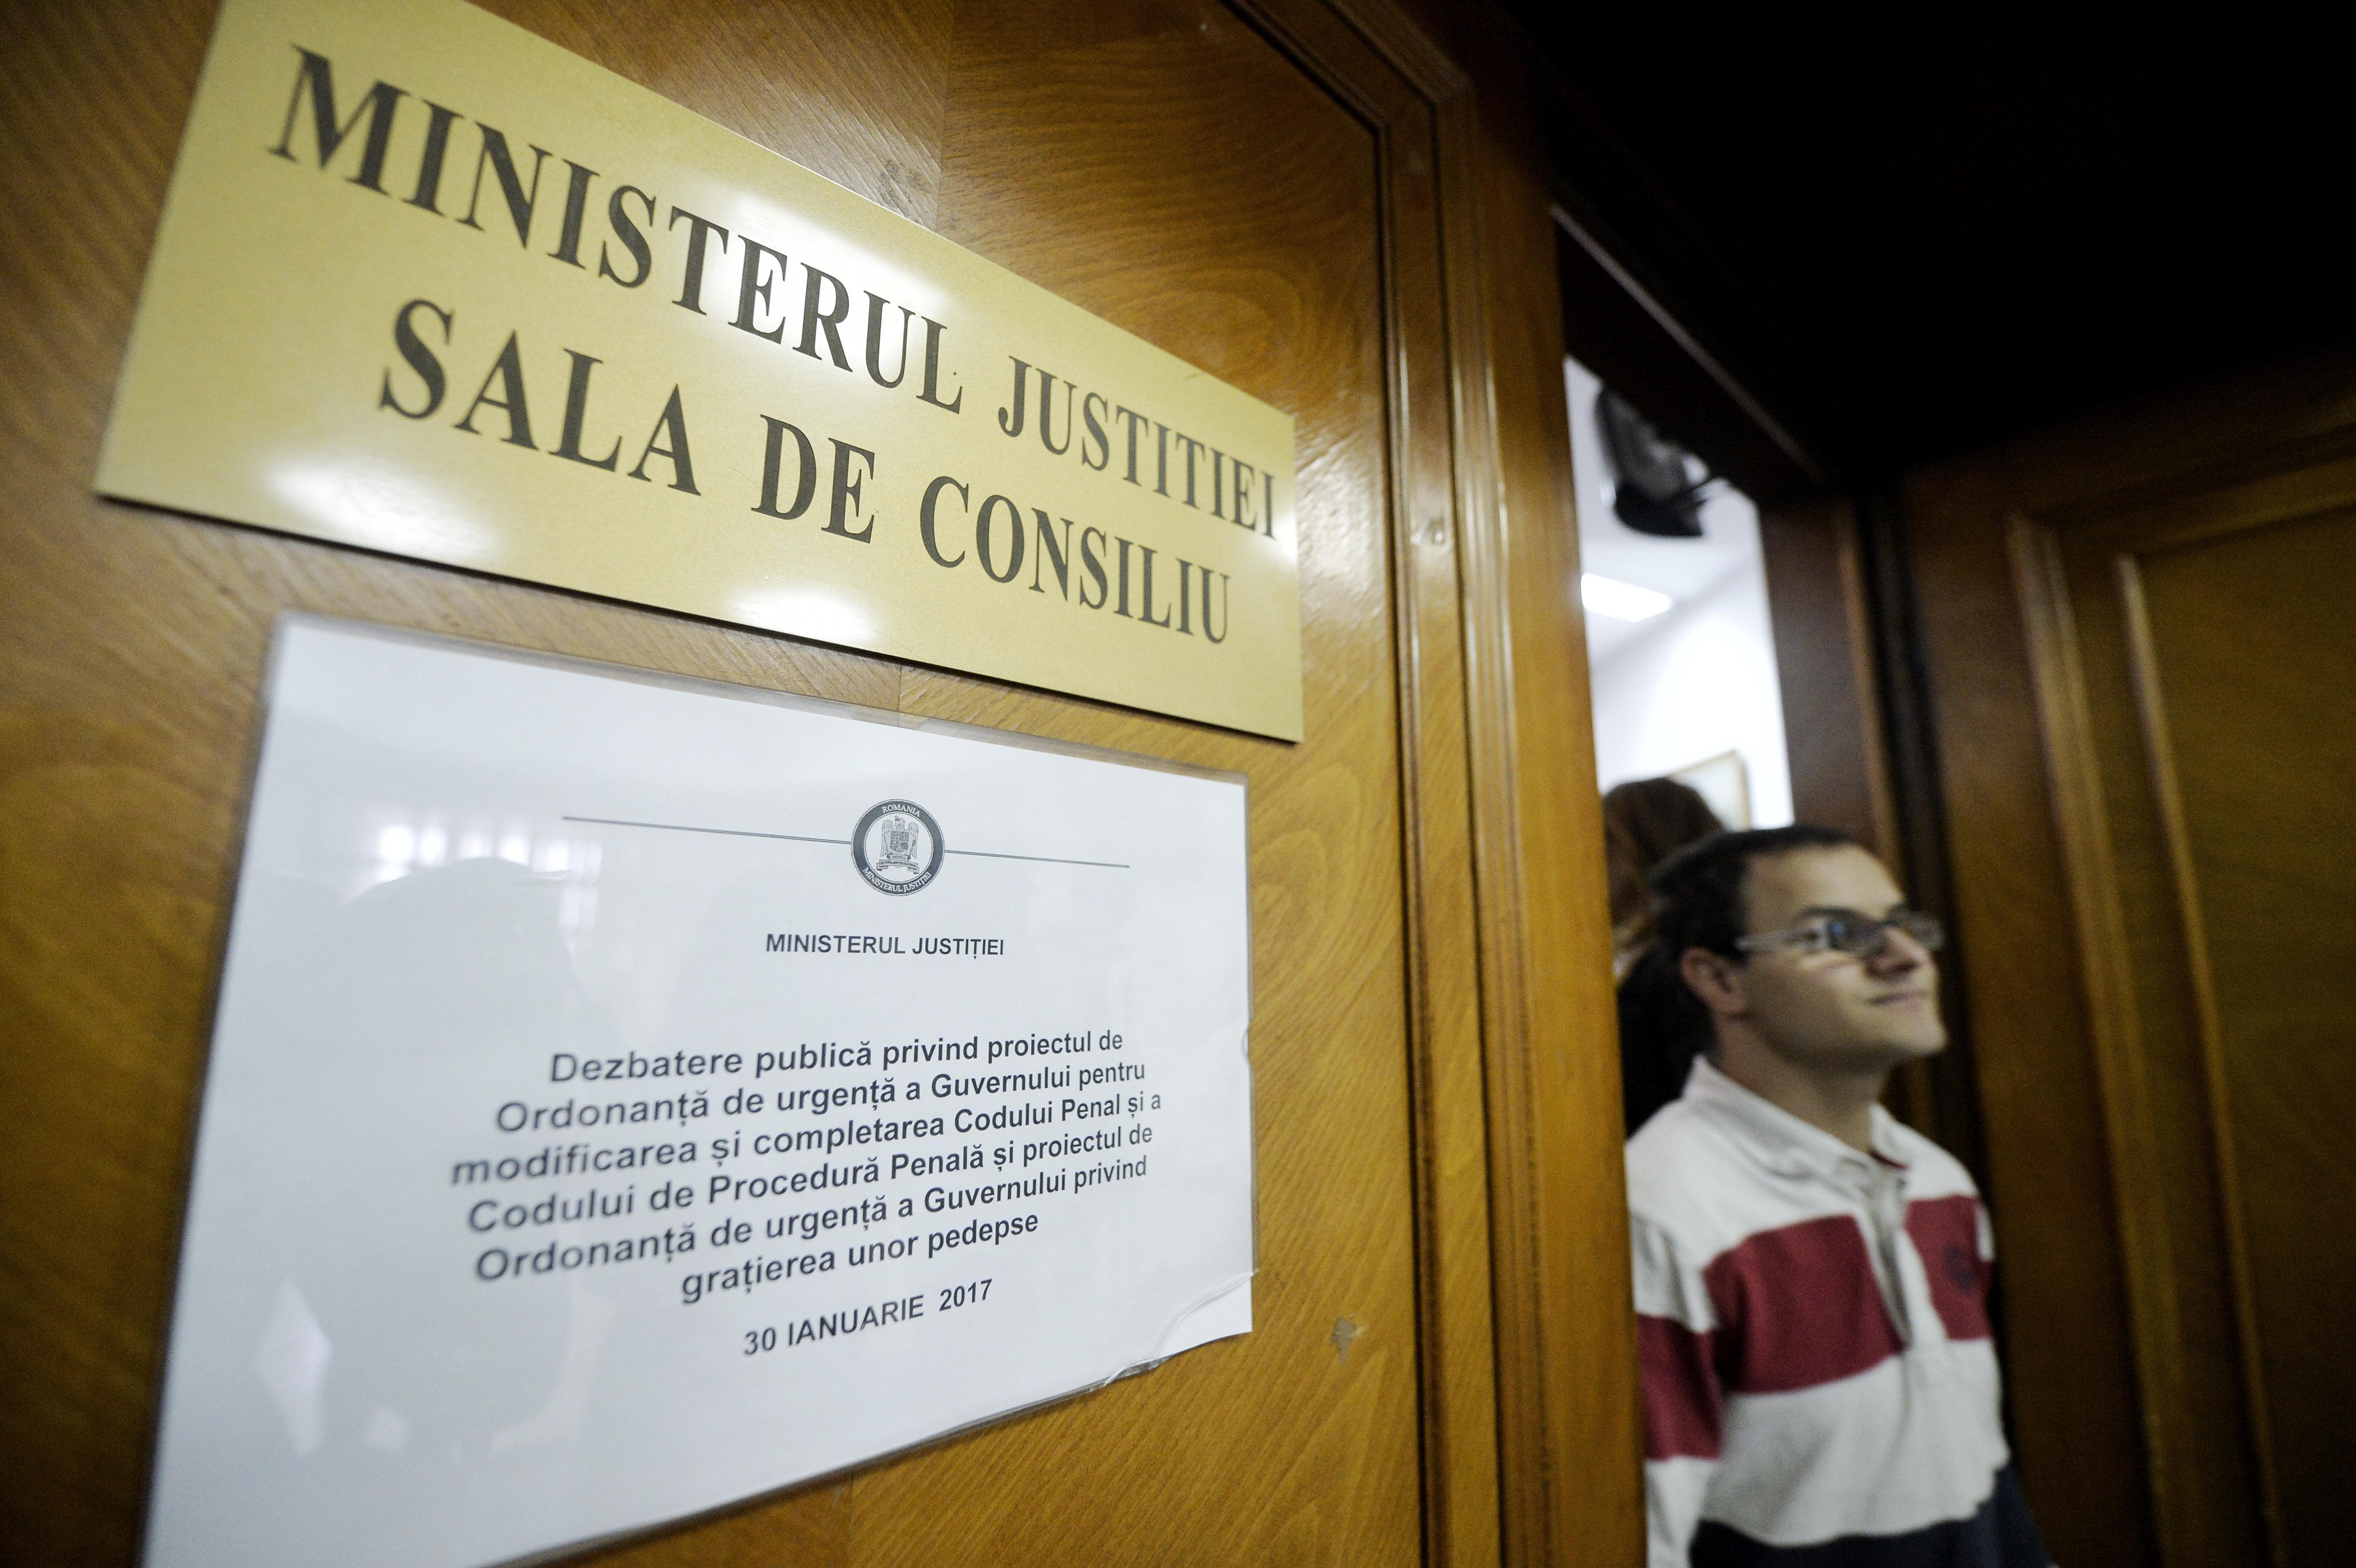 Delegarea judecătorilor la Ministerul Justiţiei va înceta pe 15 iulie